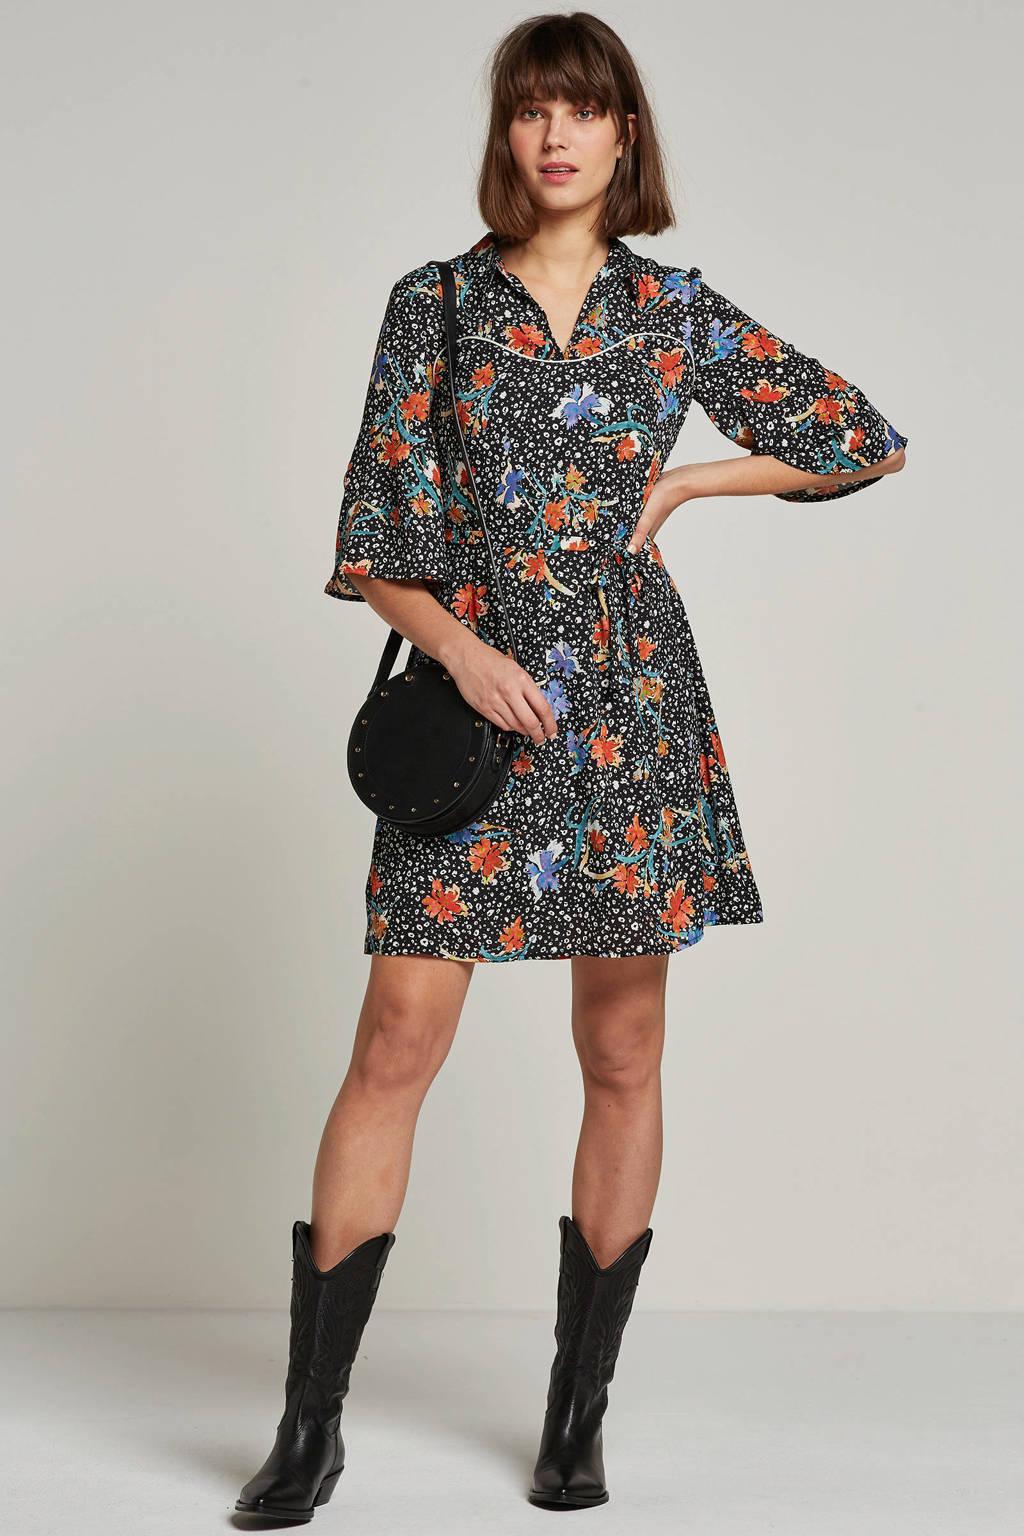 Aaiko jurk met all over print, Zwart/oranje/blauw/wit/groen